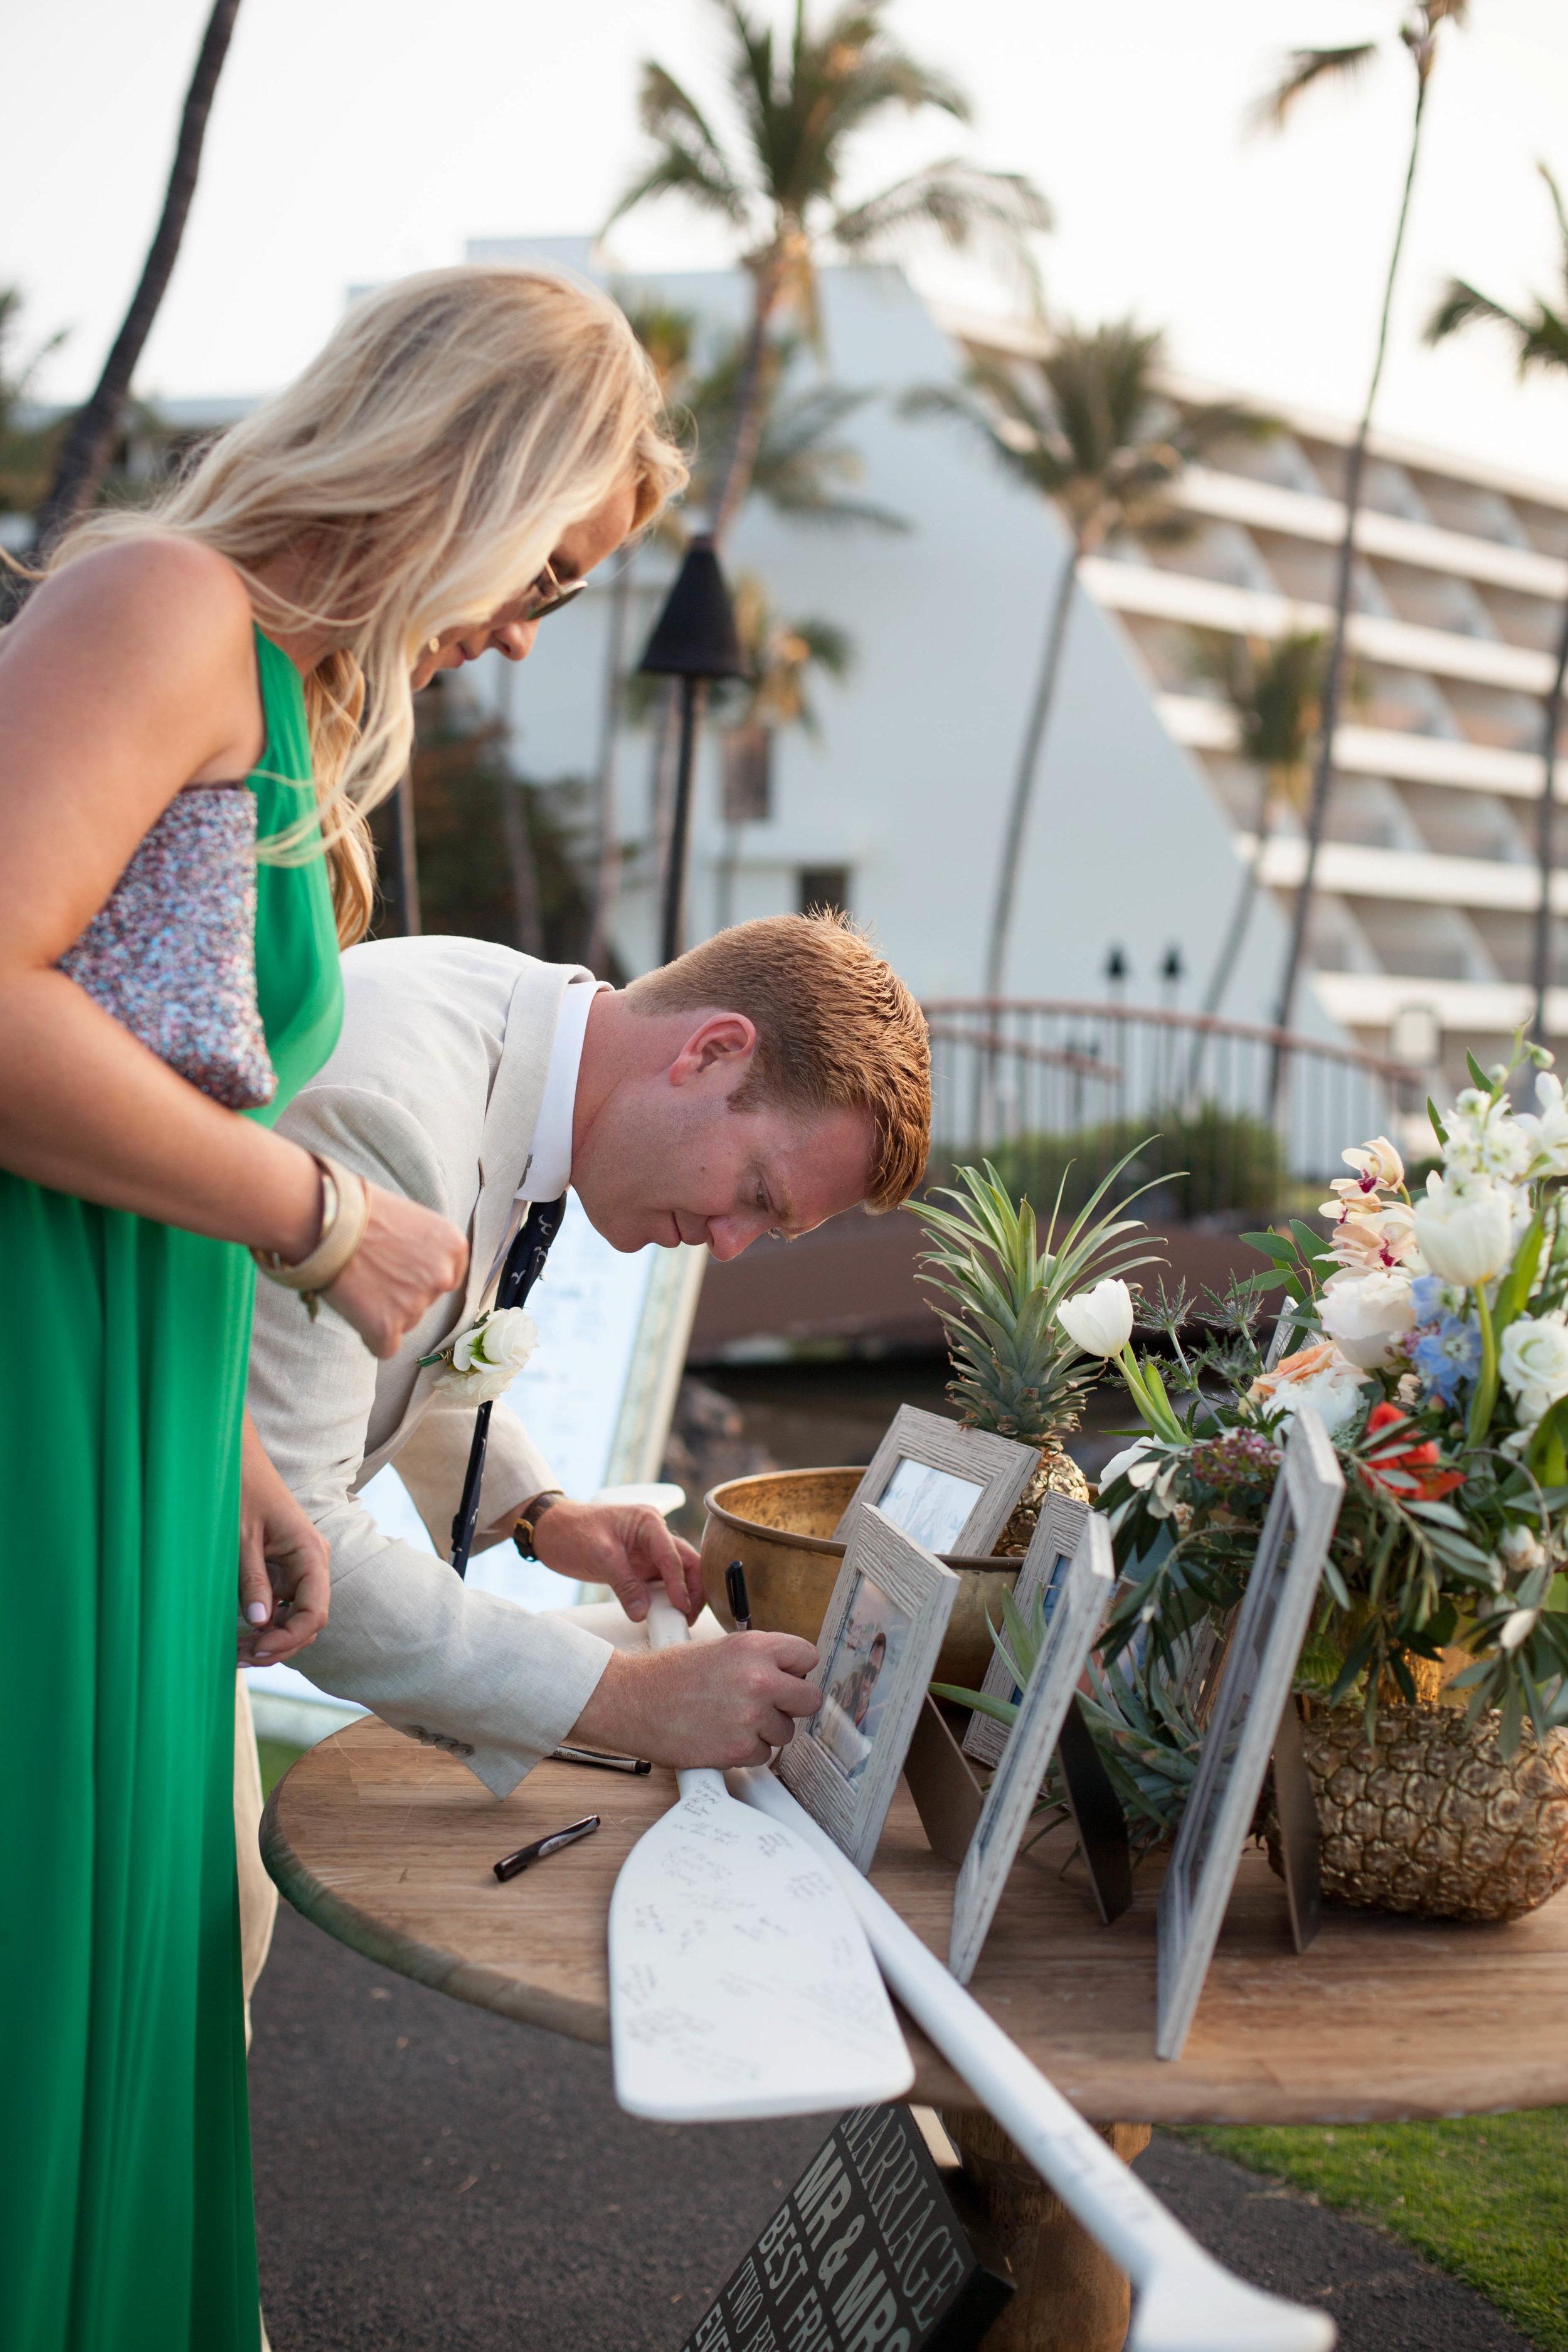 big island hawaii mauna lani resort wedding © kelilina photography 20160131174530-1.jpg